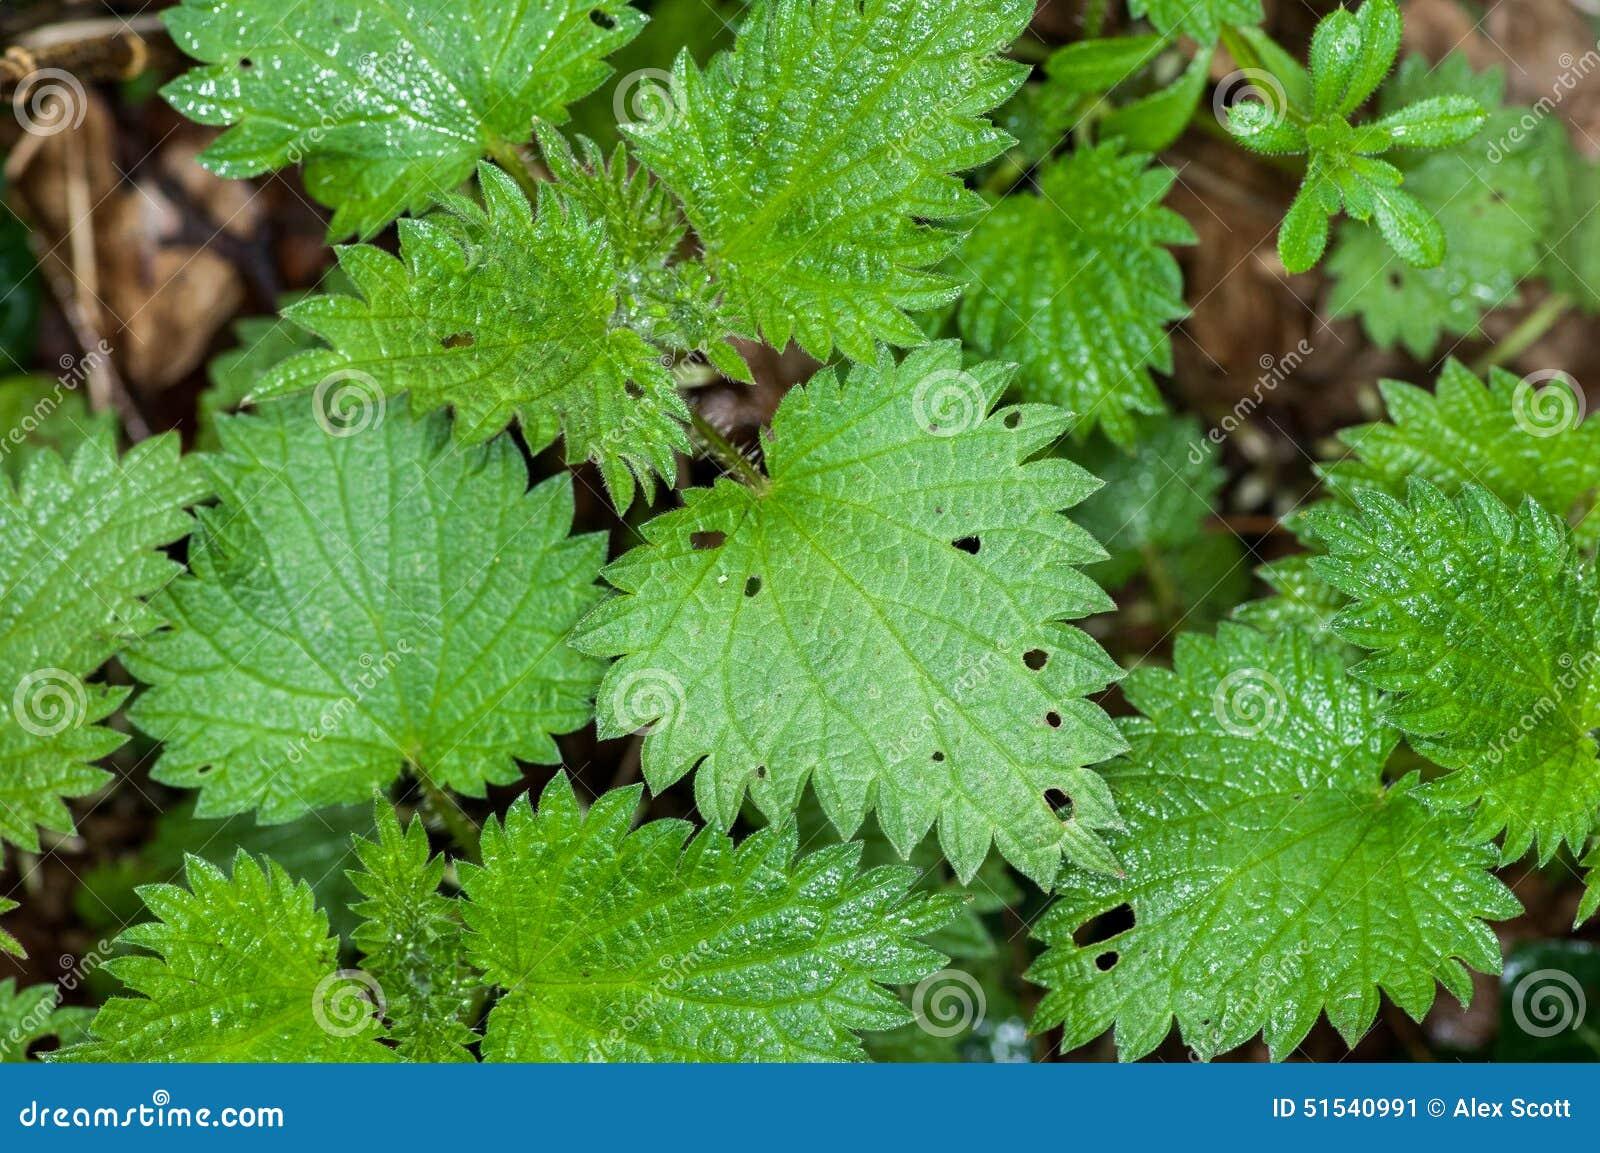 Plant portrait stinging nettle